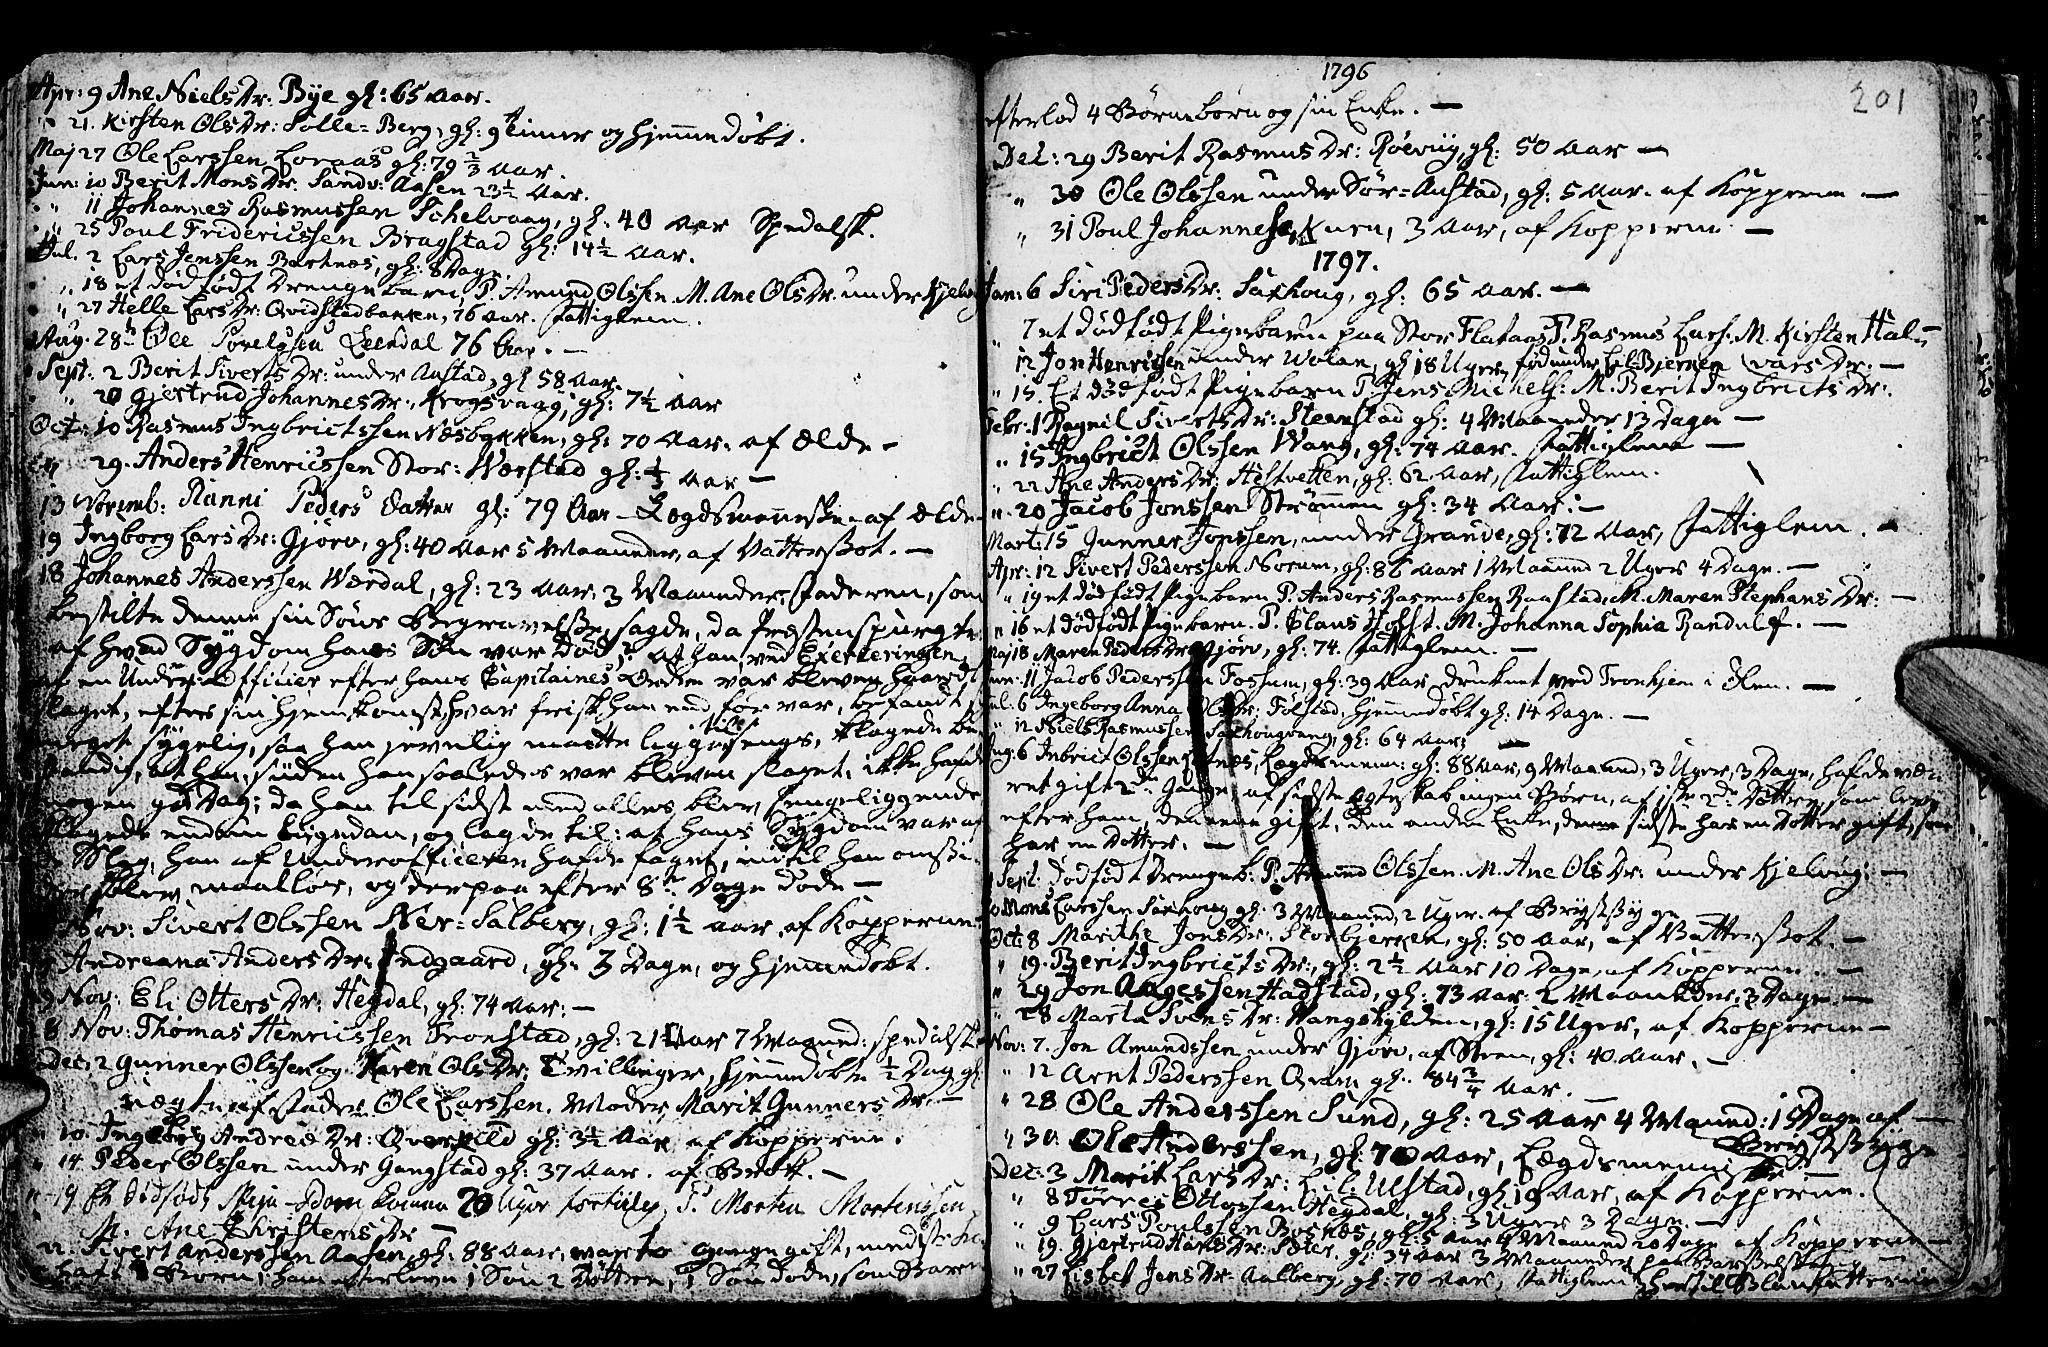 SAT, Ministerialprotokoller, klokkerbøker og fødselsregistre - Nord-Trøndelag, 730/L0273: Ministerialbok nr. 730A02, 1762-1802, s. 201